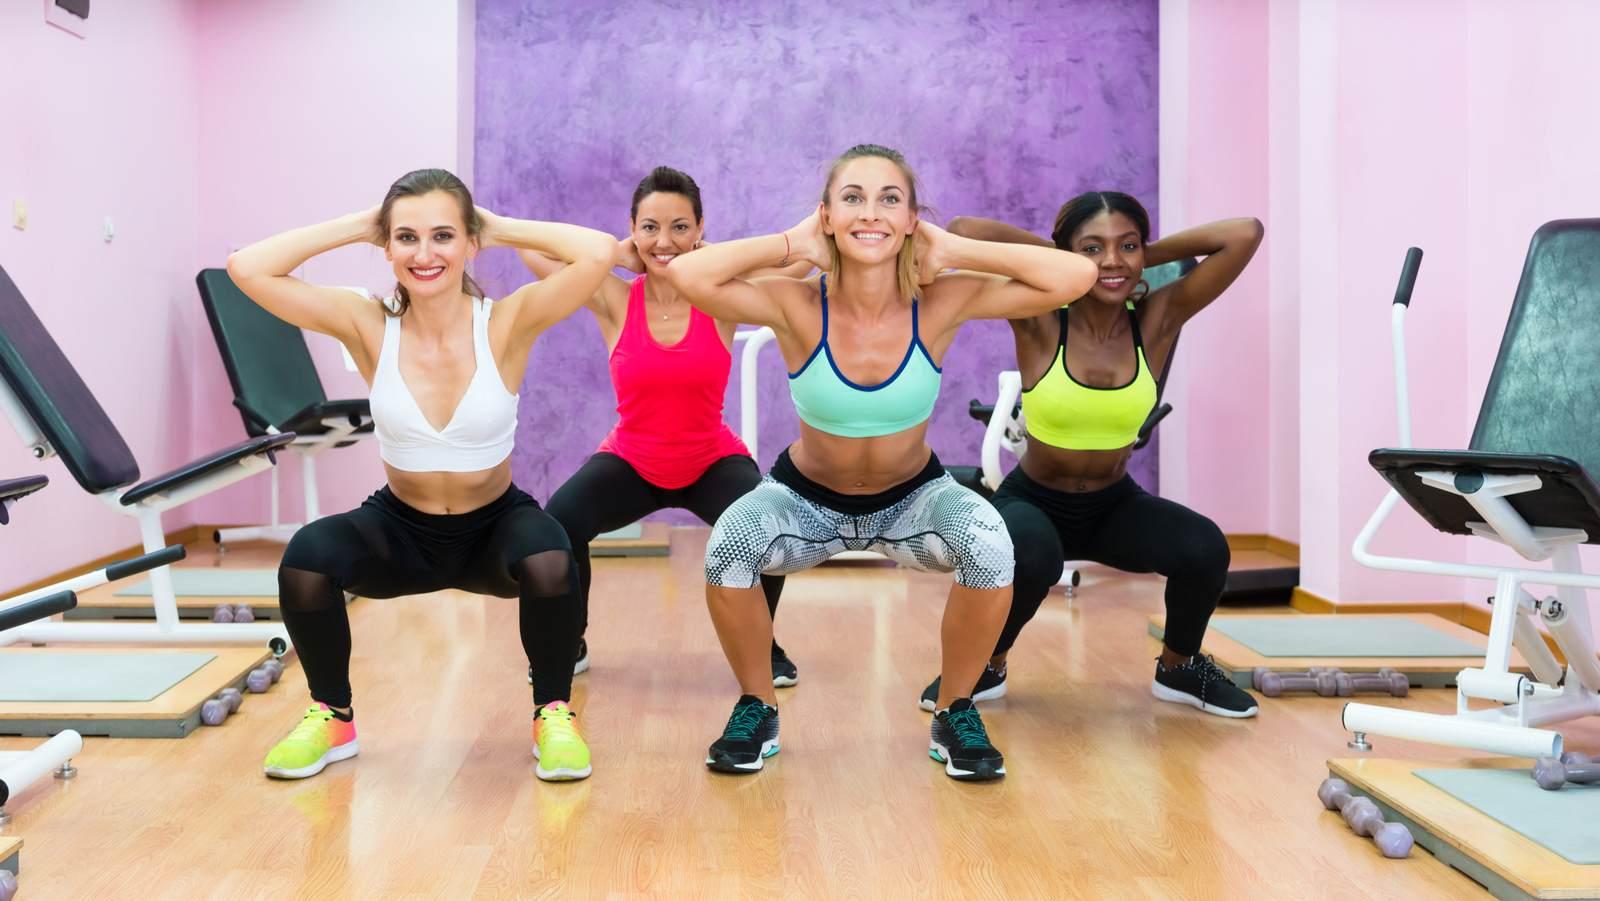 squat donne mature